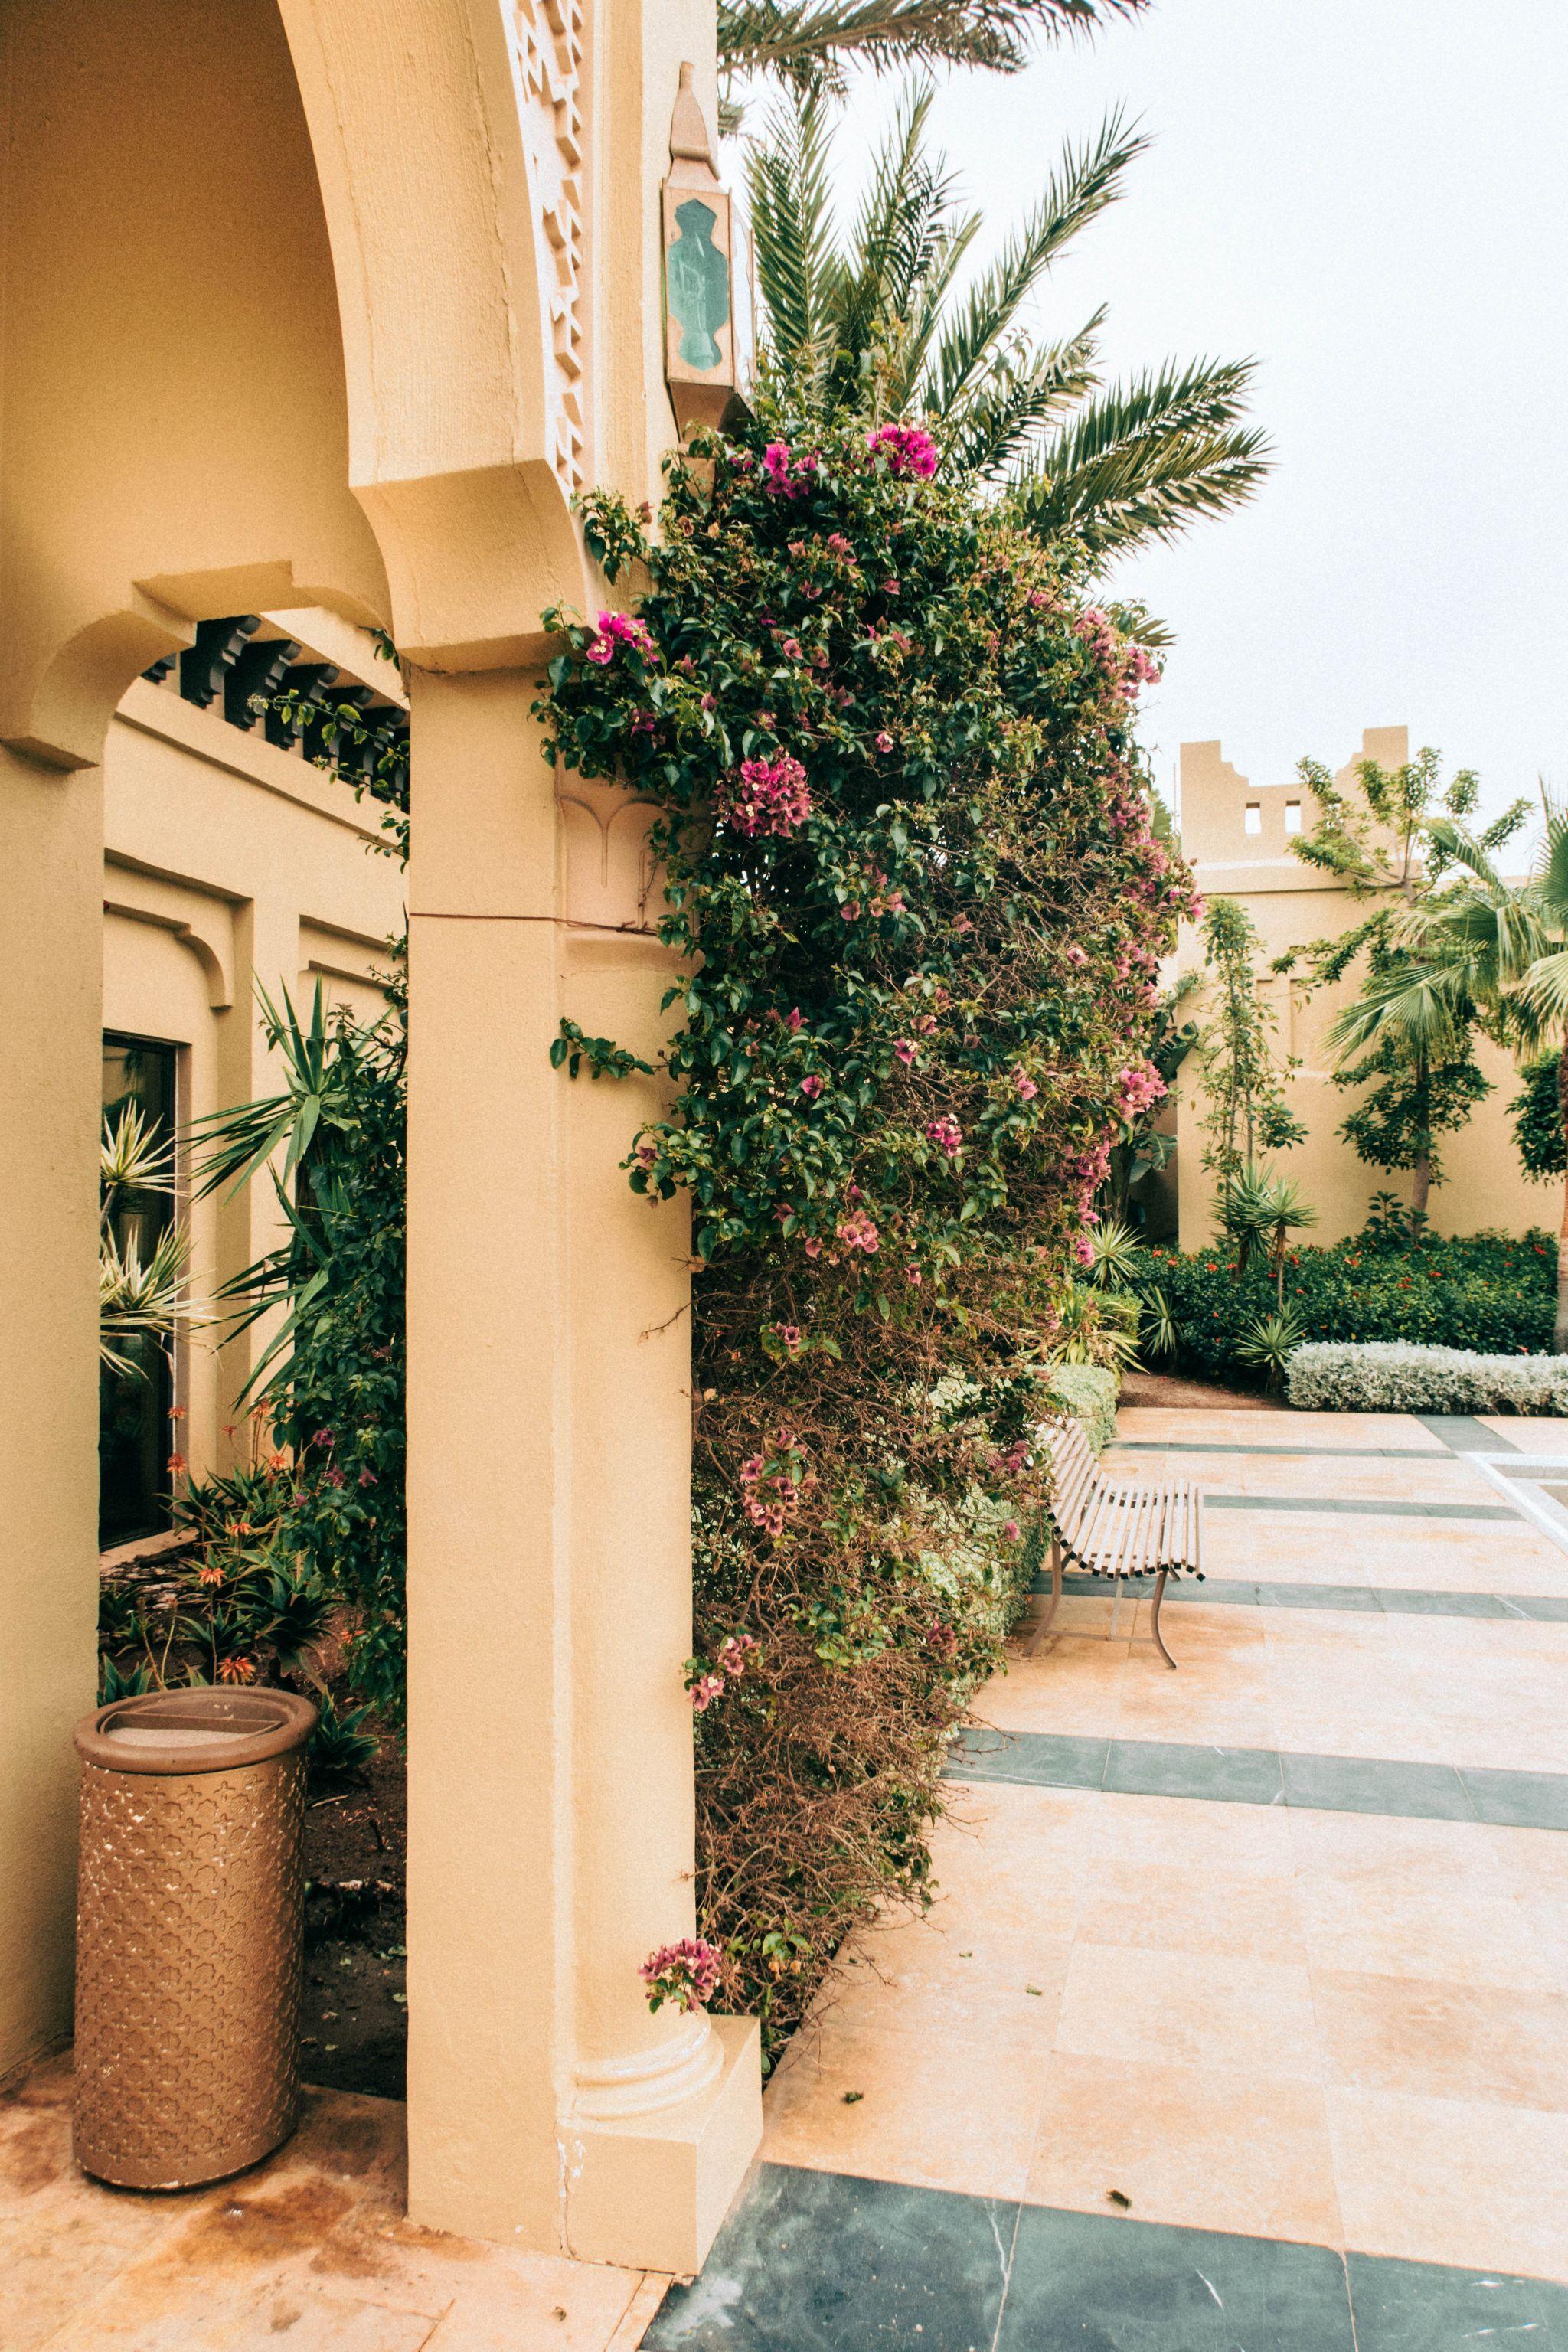 Casabalanca-Mazagan_Beach_Resort_6932